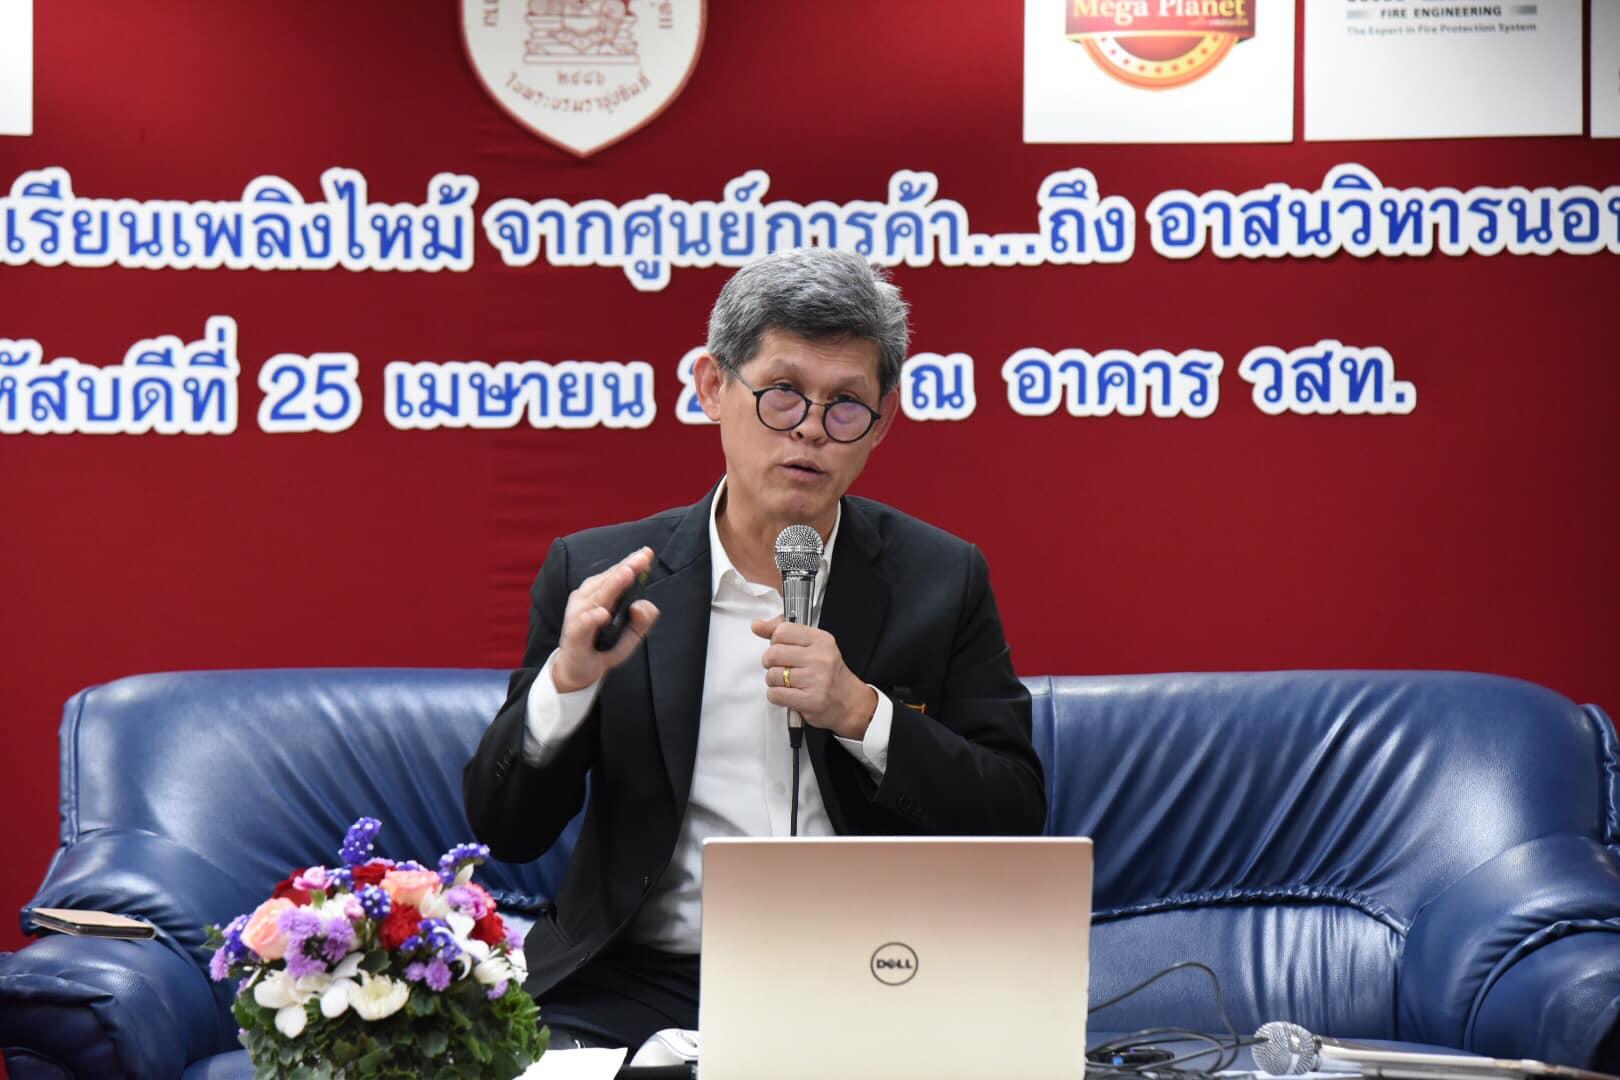 """วิศวกรรมสถานแห่งประเทศไทยฯ โดยคณะกรรมการสาขาวิศวกรรมป้องกันอัคคีภัย จัดเสวนาเรื่อง """"ถอดบทเรียนเพลิงไหม้ จากศูนย์การค้า … ถึงอาสนวิหารนอทเทรอ-ดาม"""""""